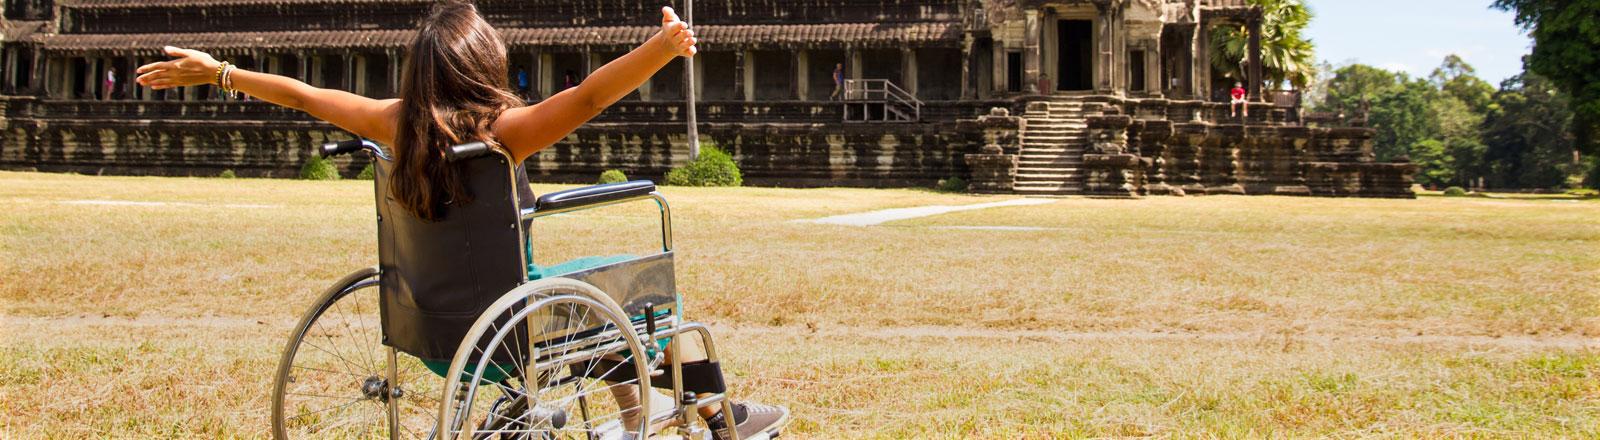 Eine Frau sitzt in einem Rollstuhl und breitet die Arme aus.